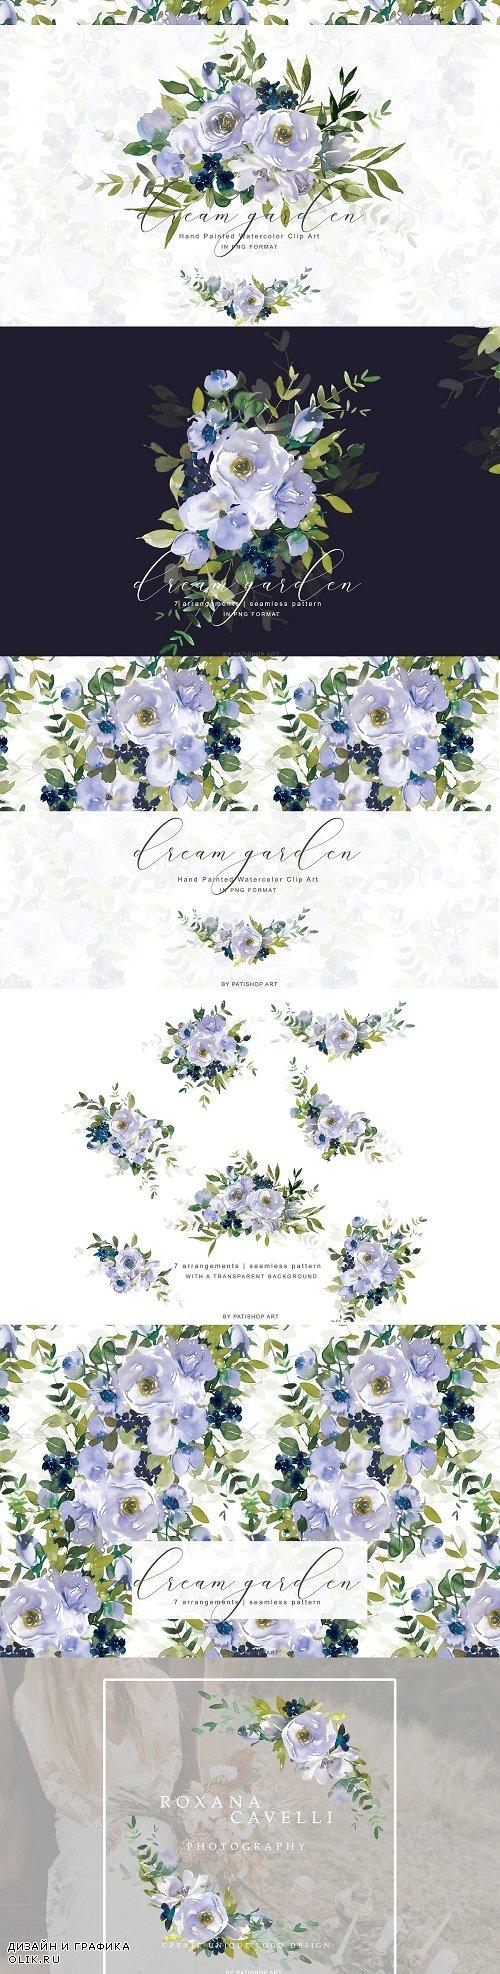 Watercolor Violet Floral Clipart Set - 3912522